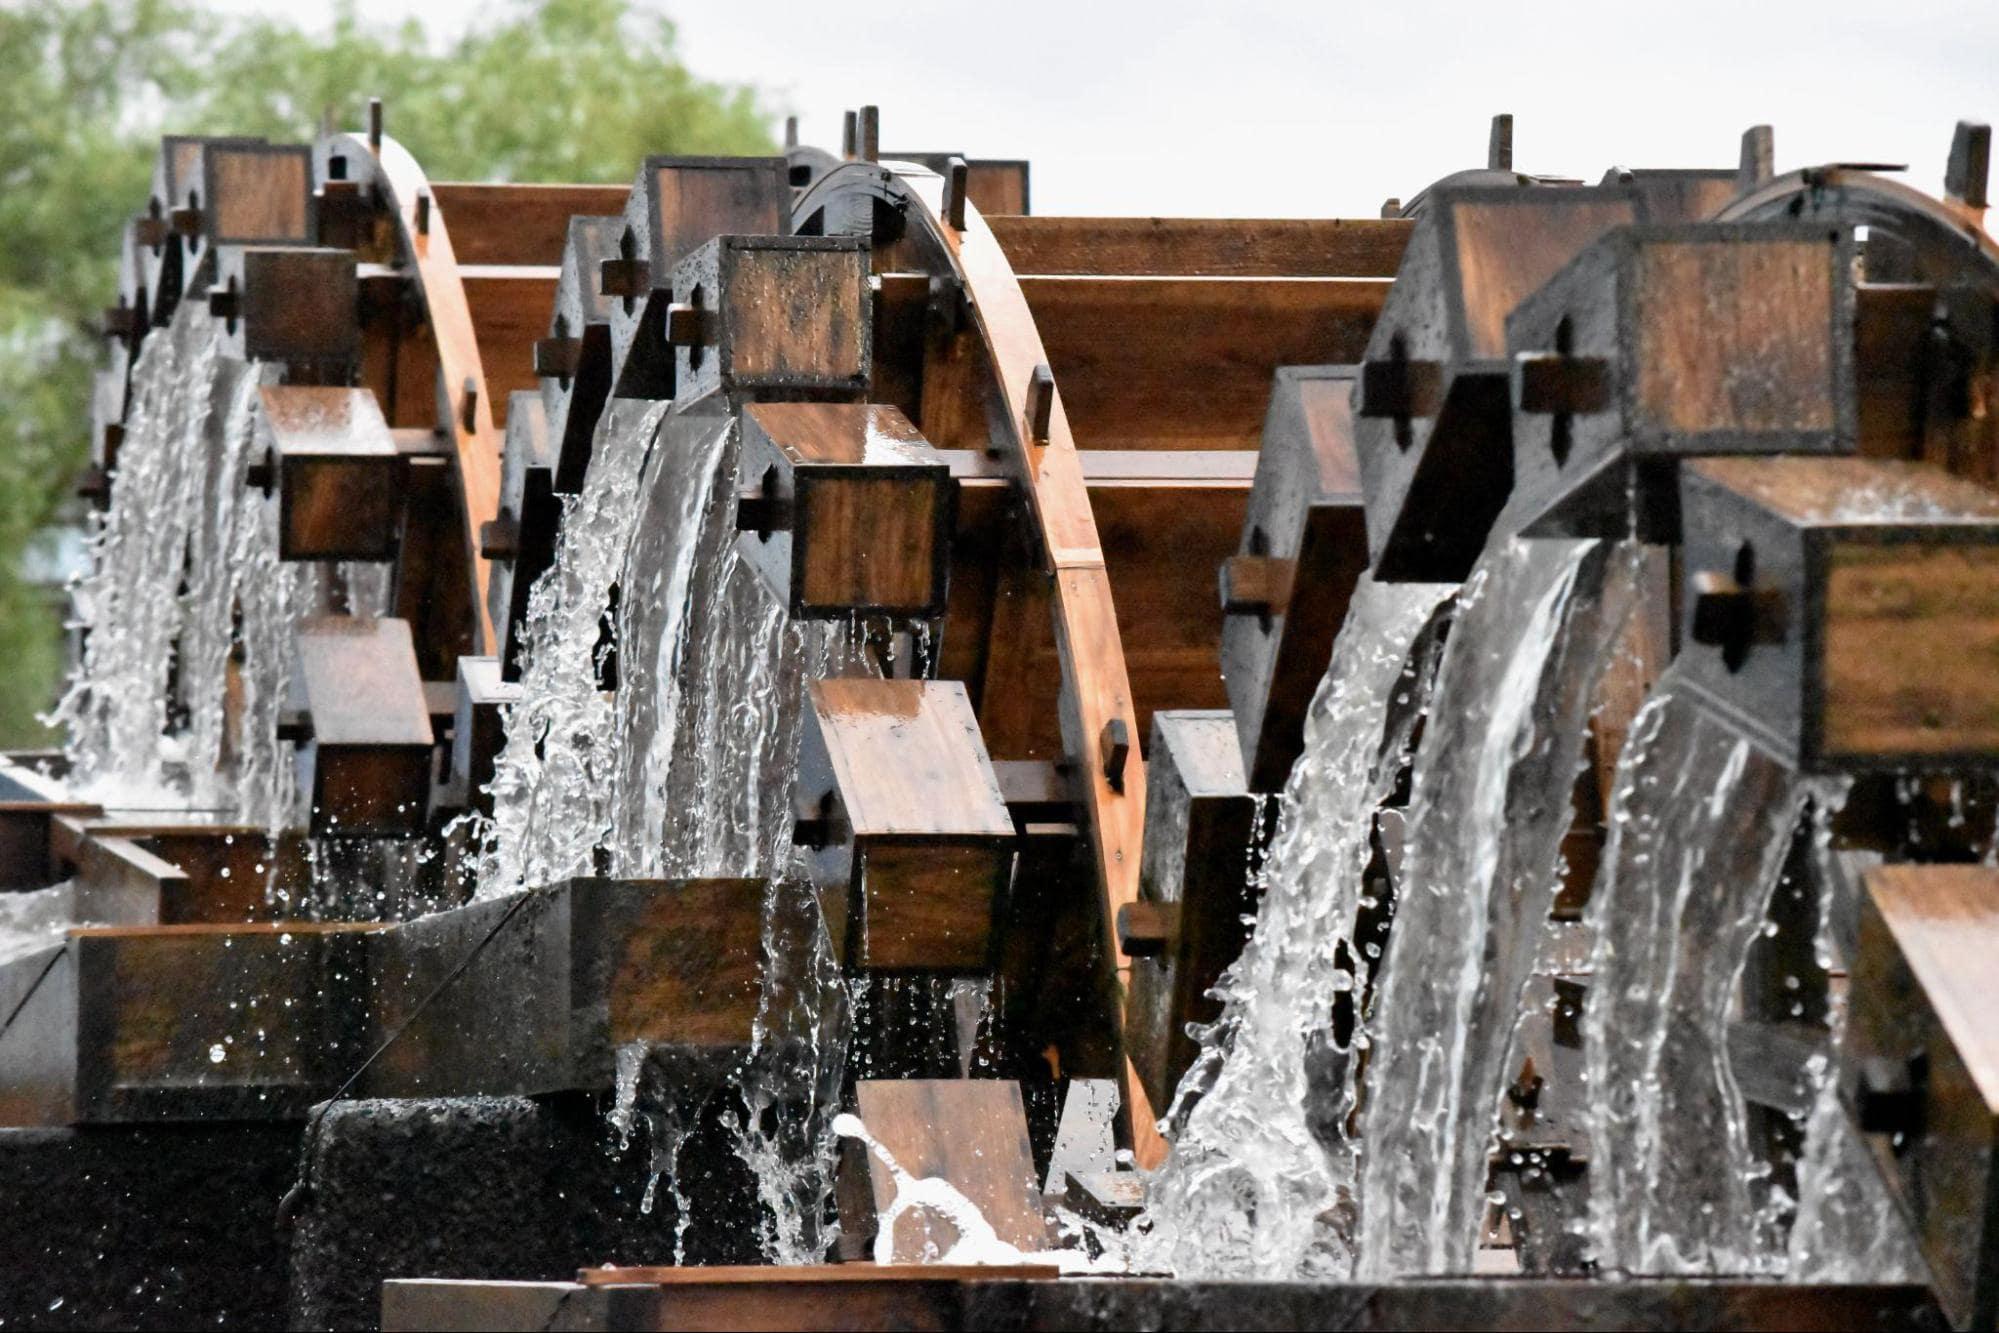 アイキャッチ:九州北部豪雨を乗り越えた、あさくら観光協会が伝えたい朝倉の水 …